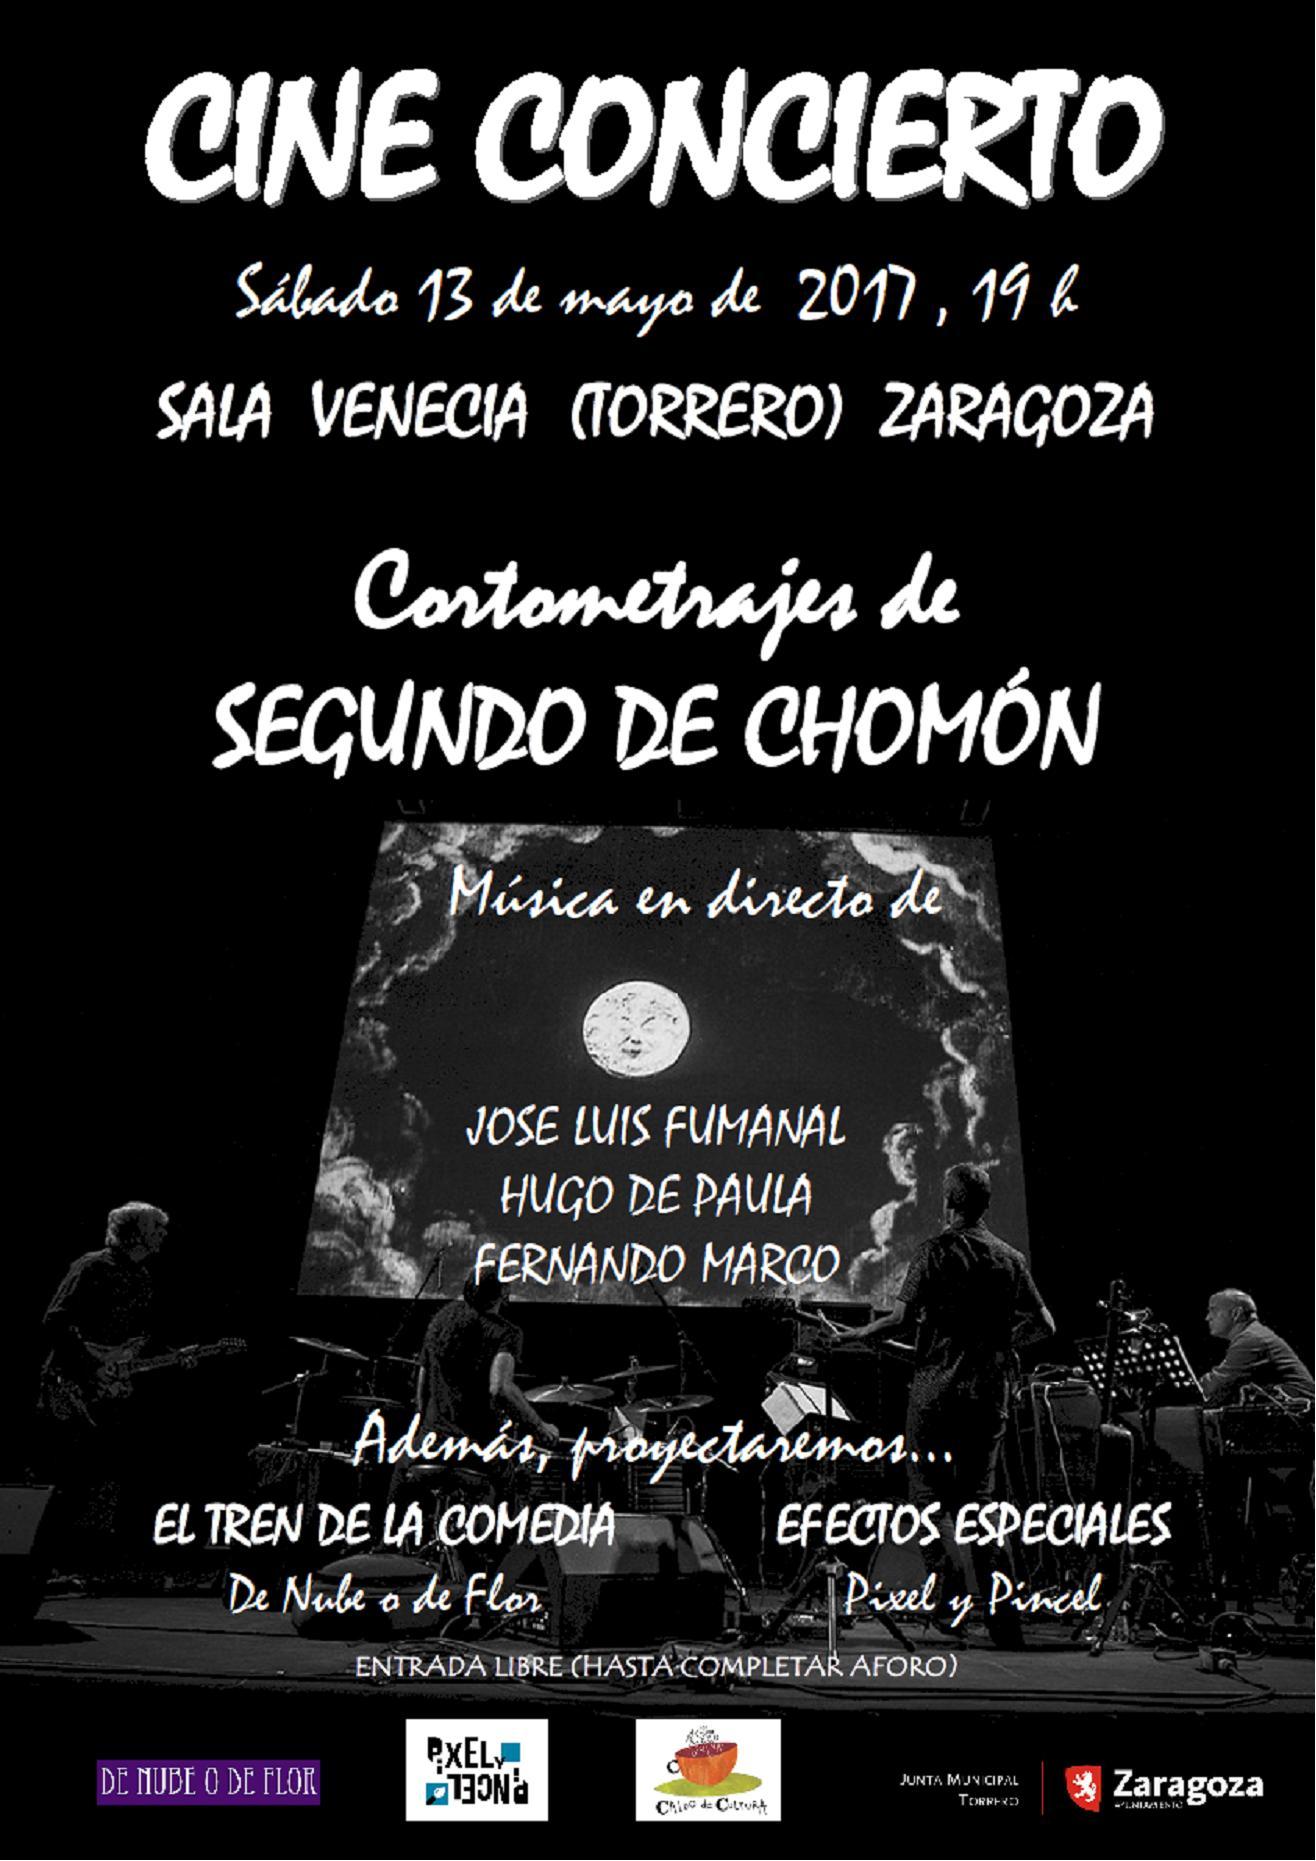 CARTEL CINE CONCIERTO • Zaragoza en Común